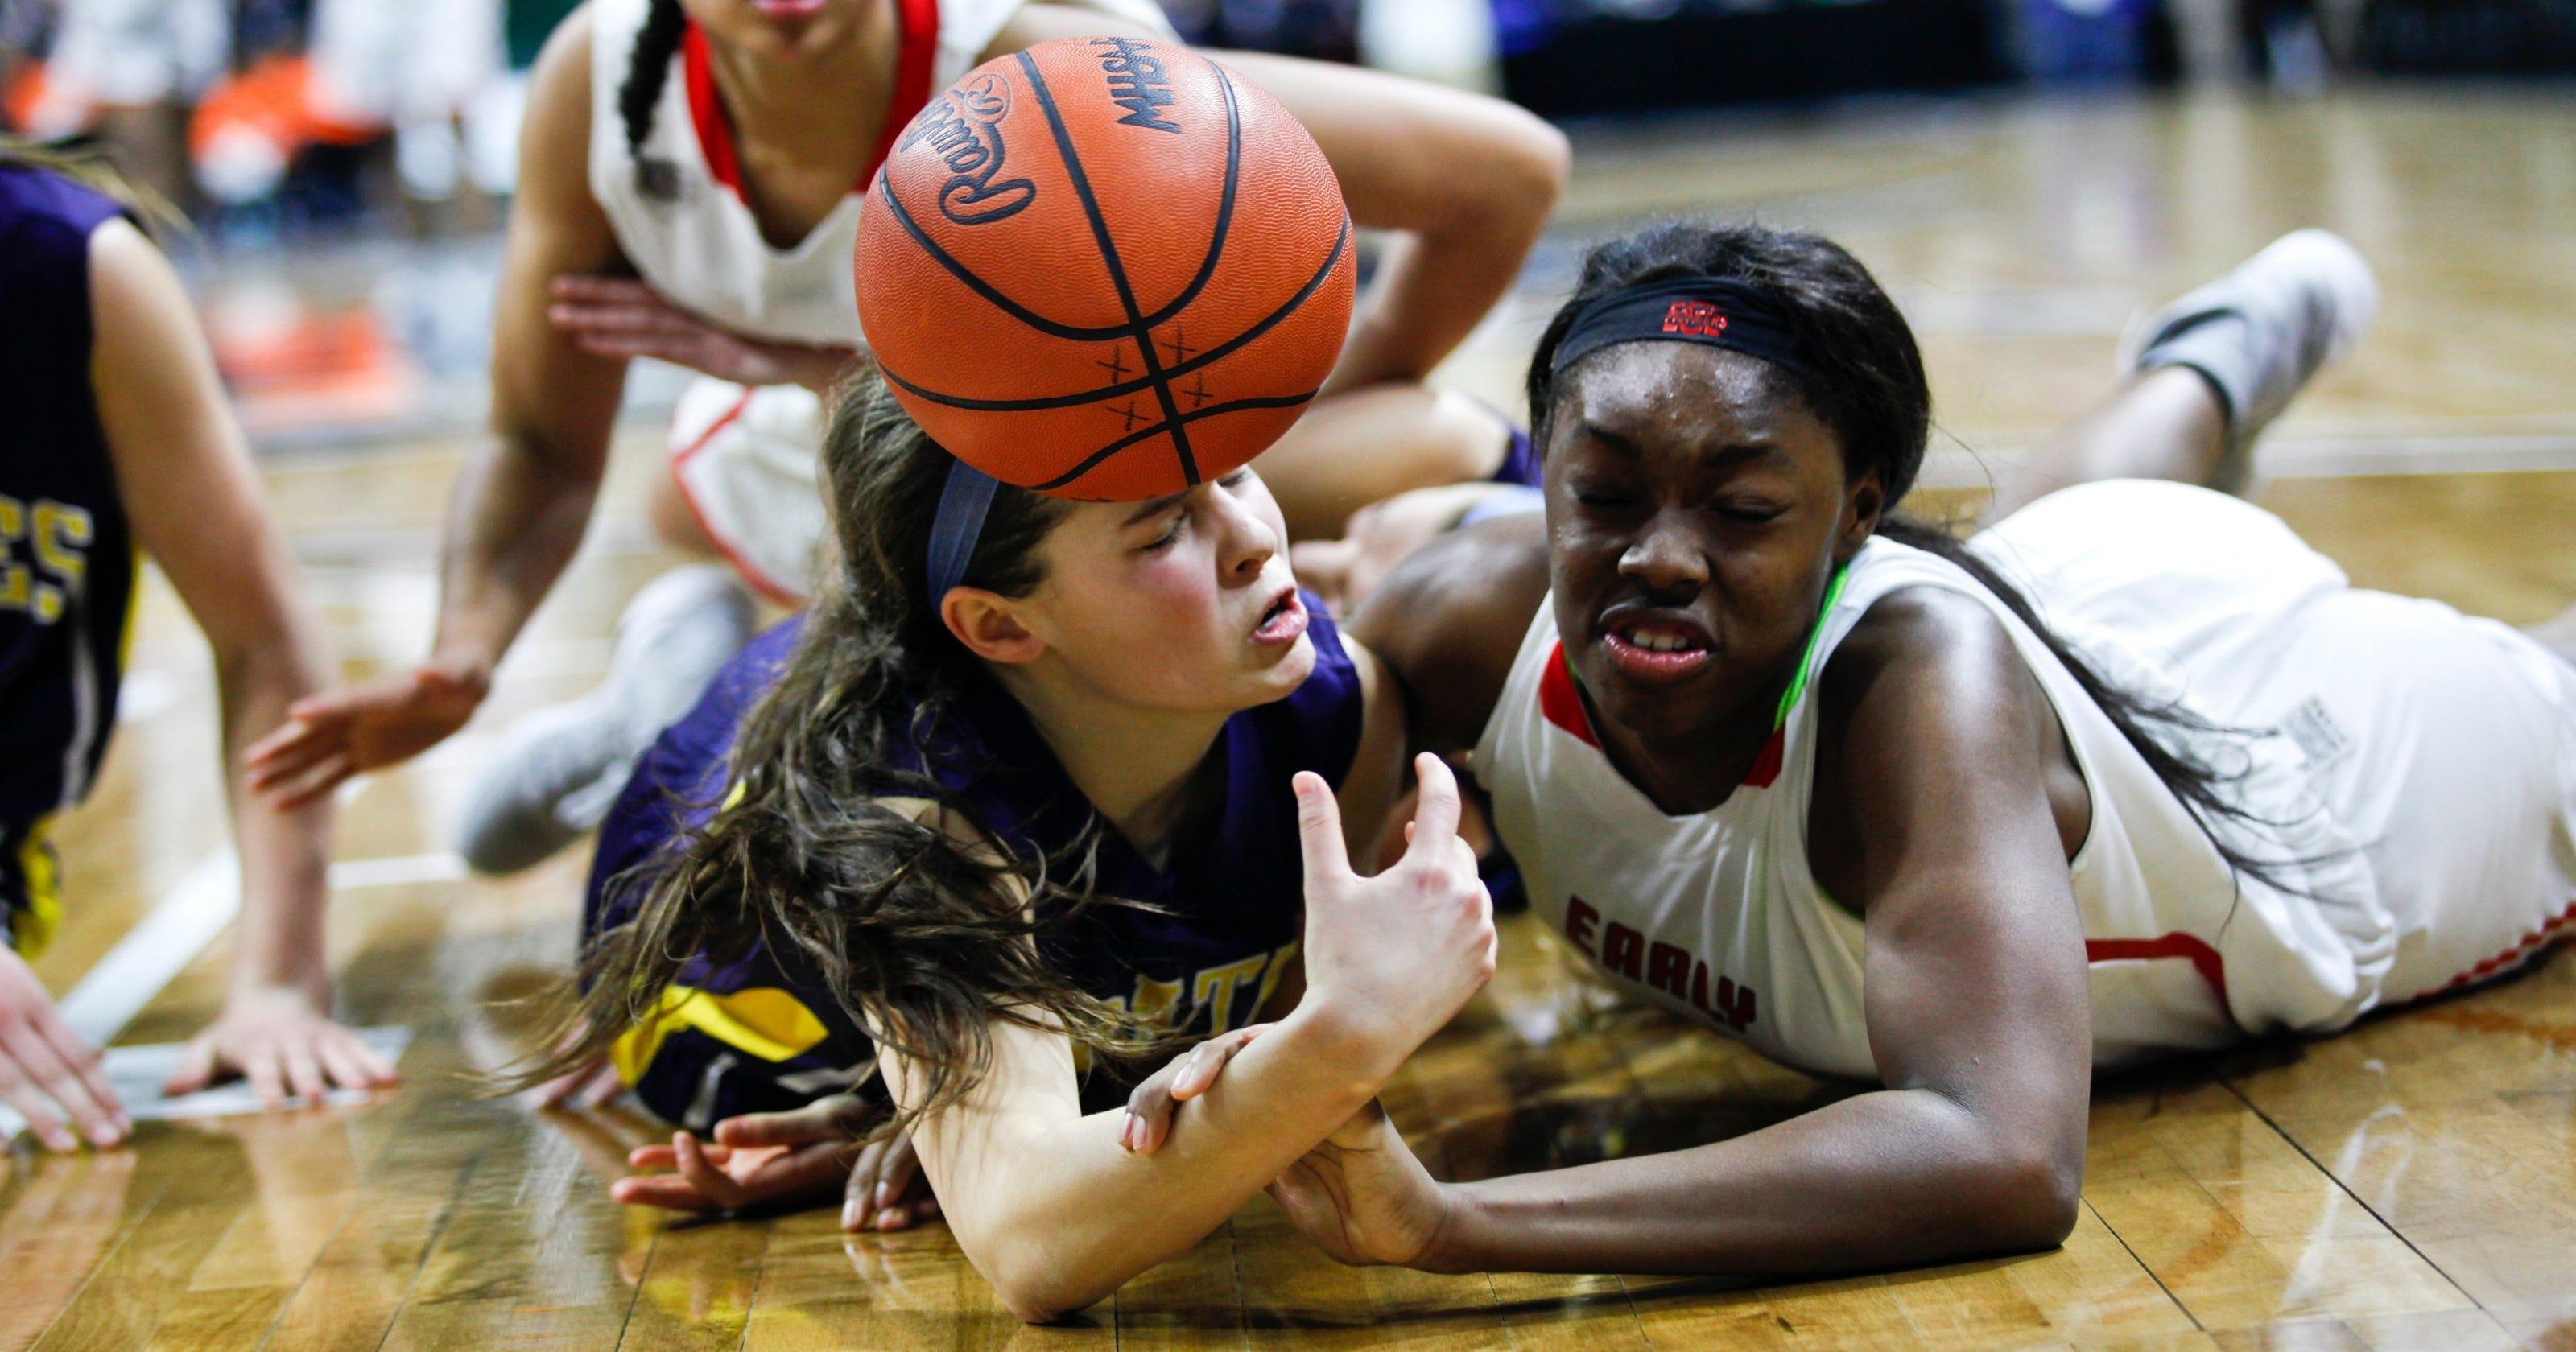 girl-college-basketball-player-naked